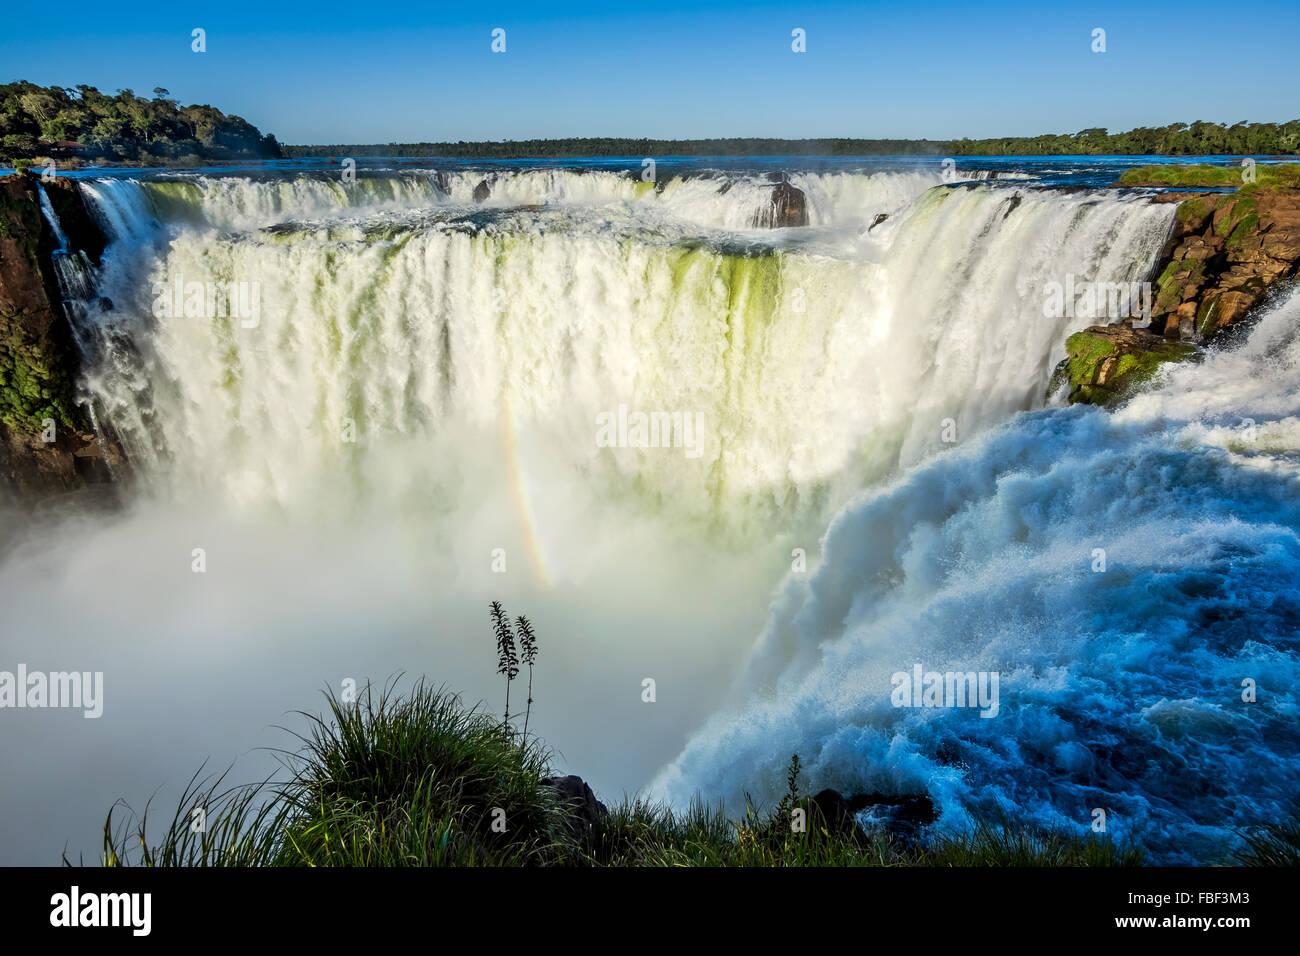 À la Gorge du Diable d'Iguazu, l'une des grandes merveilles naturelles, à la frontière de l'Argentine et le Brésil. Banque D'Images